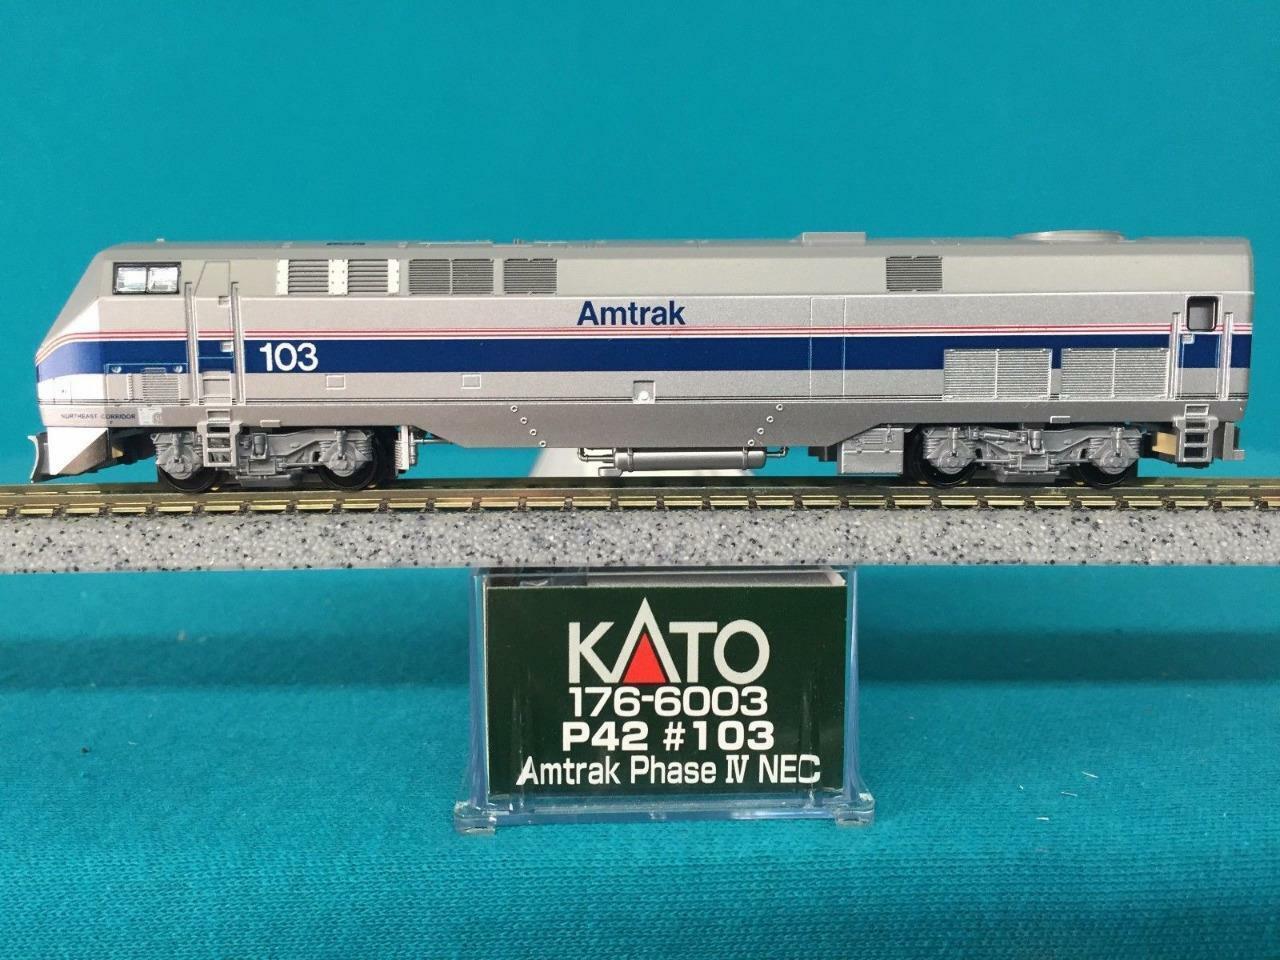 Kato N Escala  176-6003 Gemini Génesis P42 Amtrak  103 exclusivo fase IV NEC Nuevo En Caja Nuevo Viejo Stock